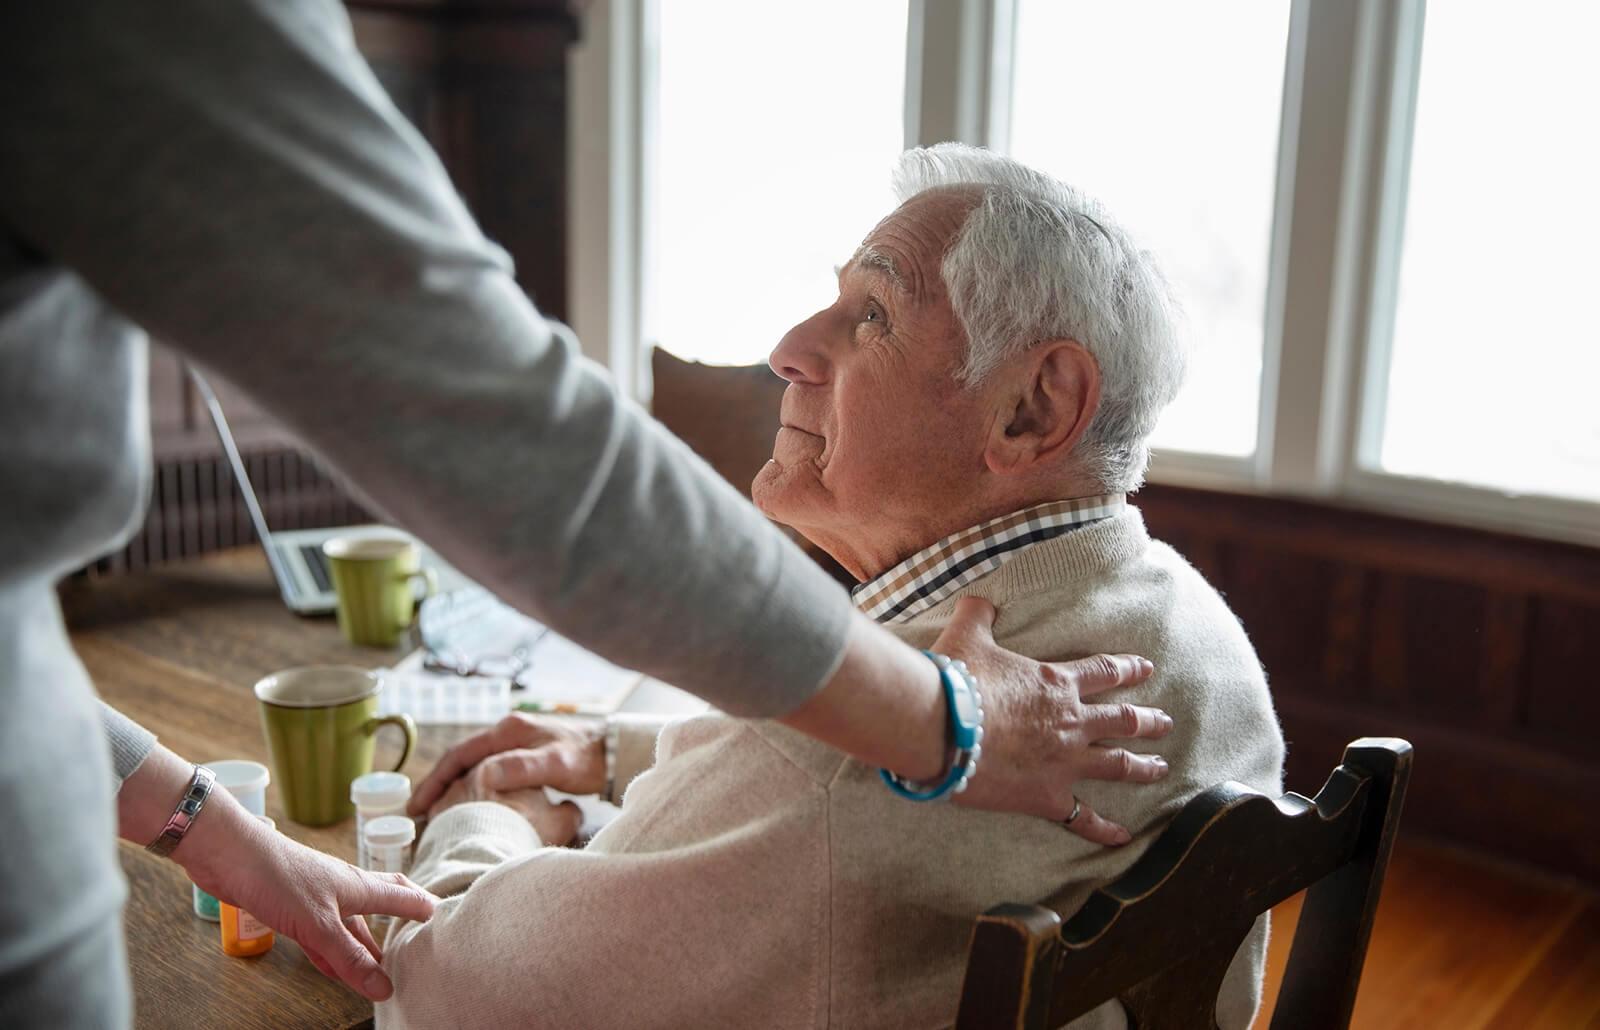 239114-1600×1030-taking-care-elderly